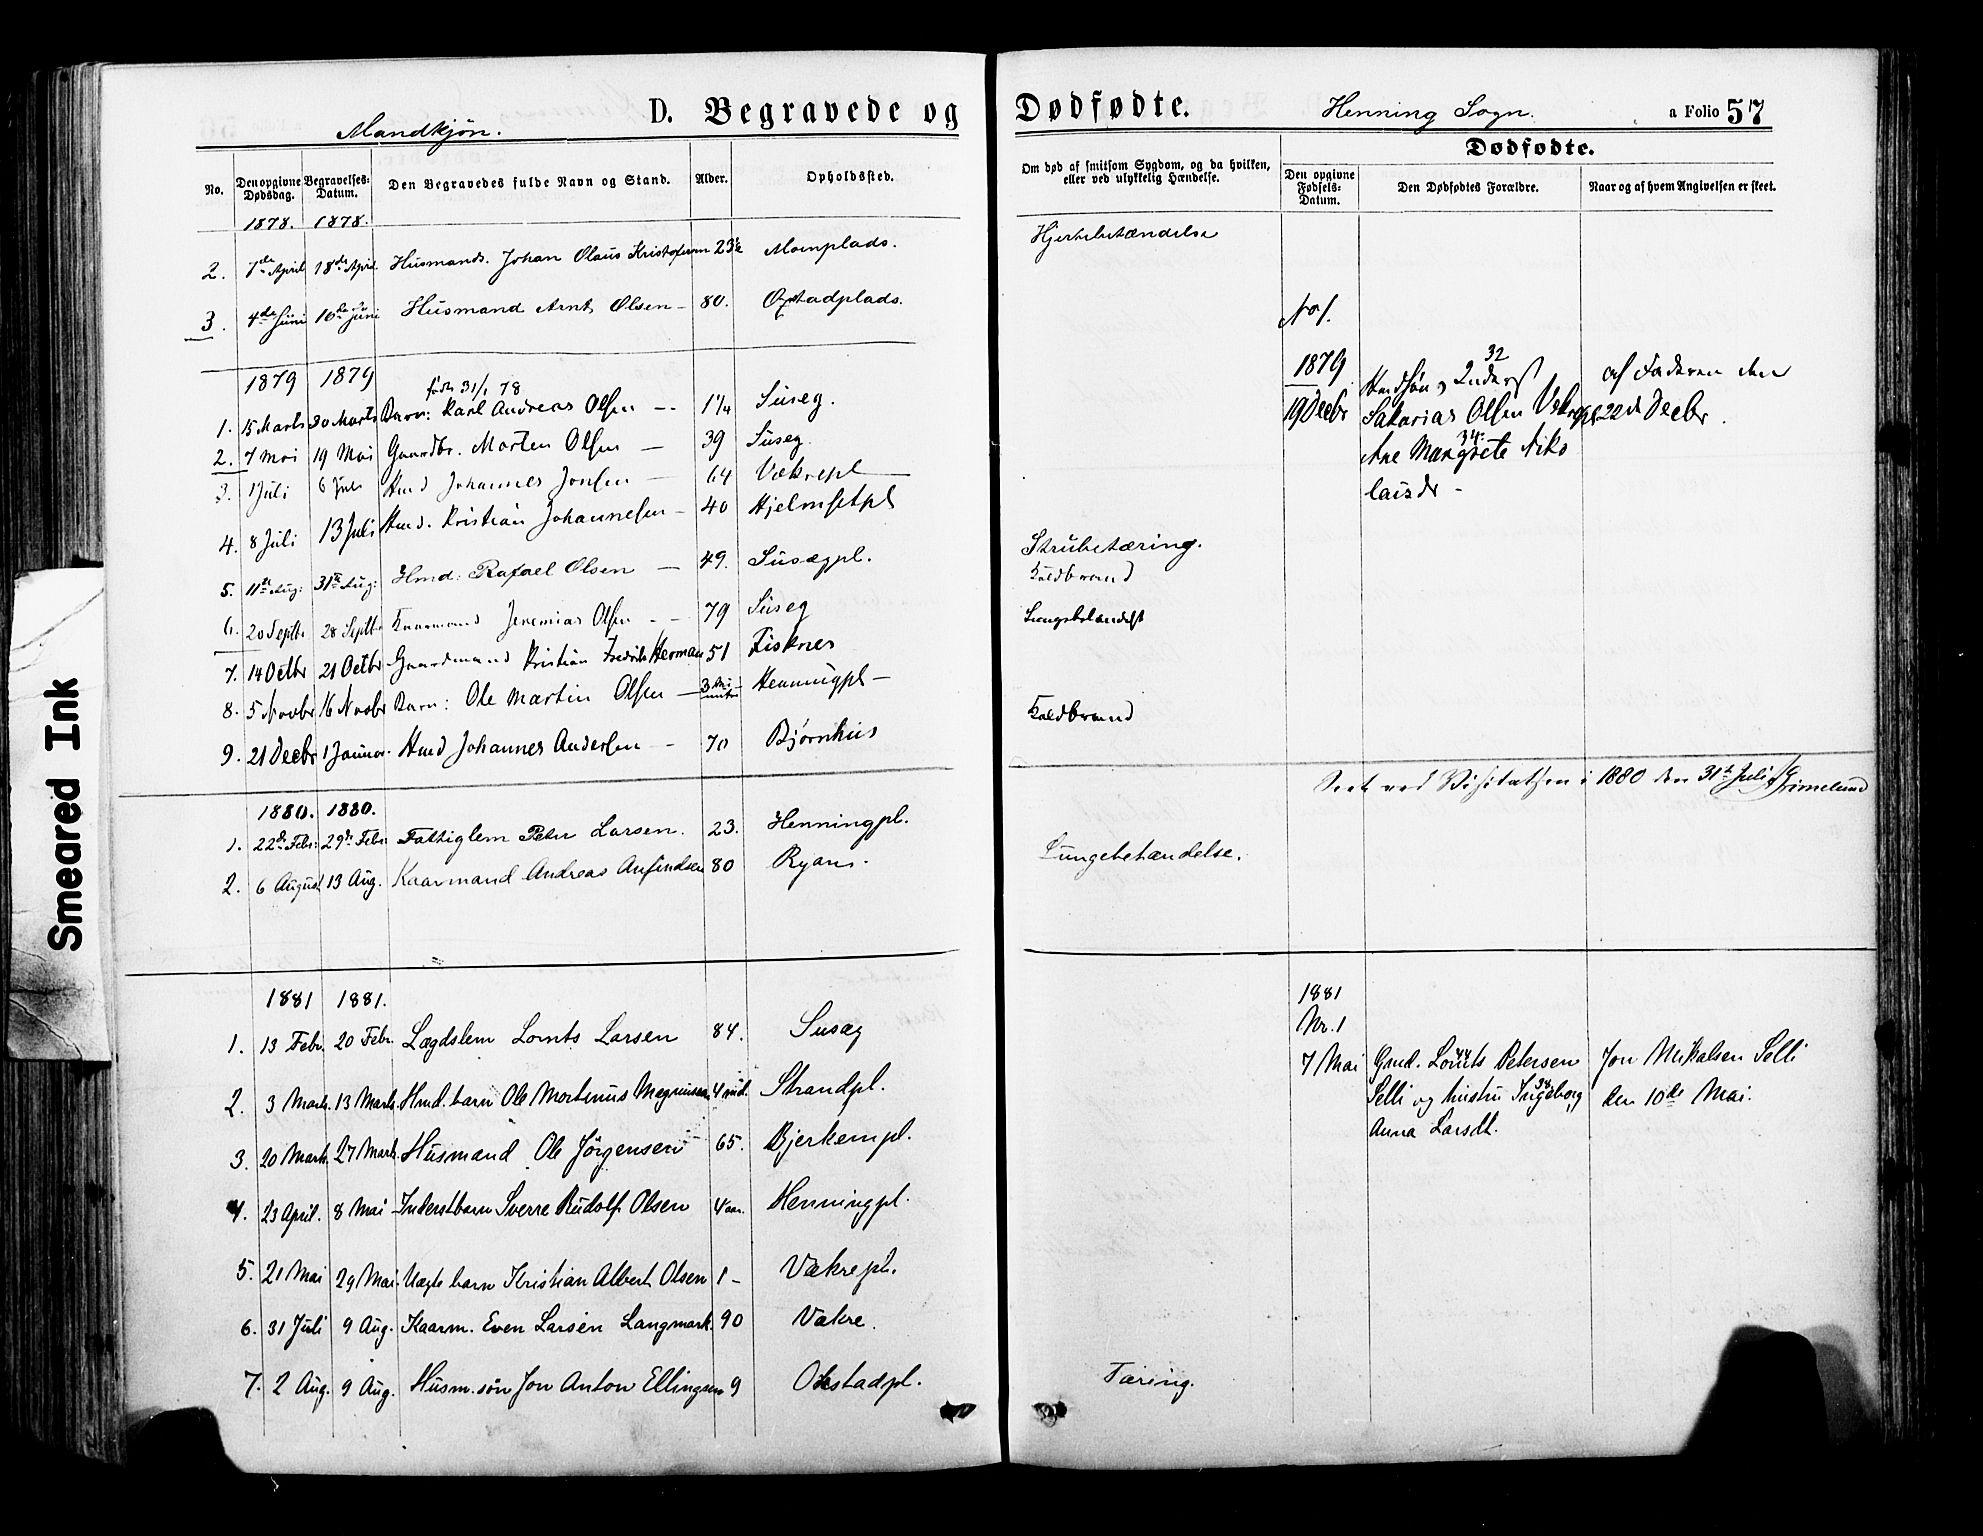 SAT, Ministerialprotokoller, klokkerbøker og fødselsregistre - Nord-Trøndelag, 735/L0348: Ministerialbok nr. 735A09 /3, 1873-1883, s. 57